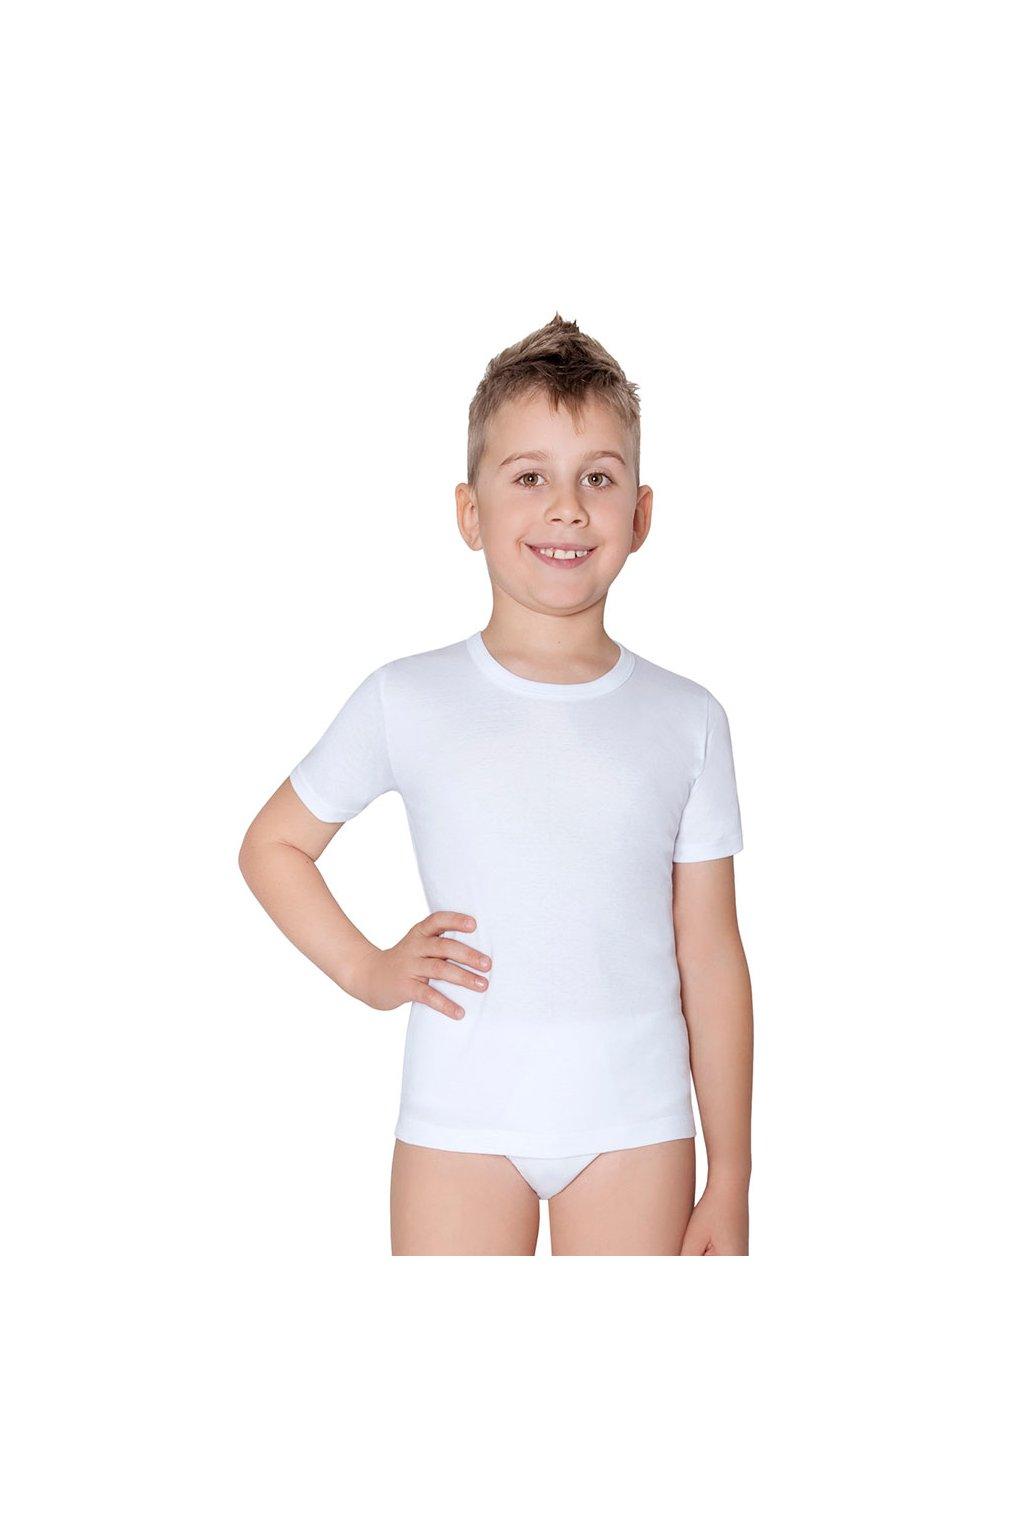 Chlapecký nátělník s krátkým rukávem, 50204 1, bílá